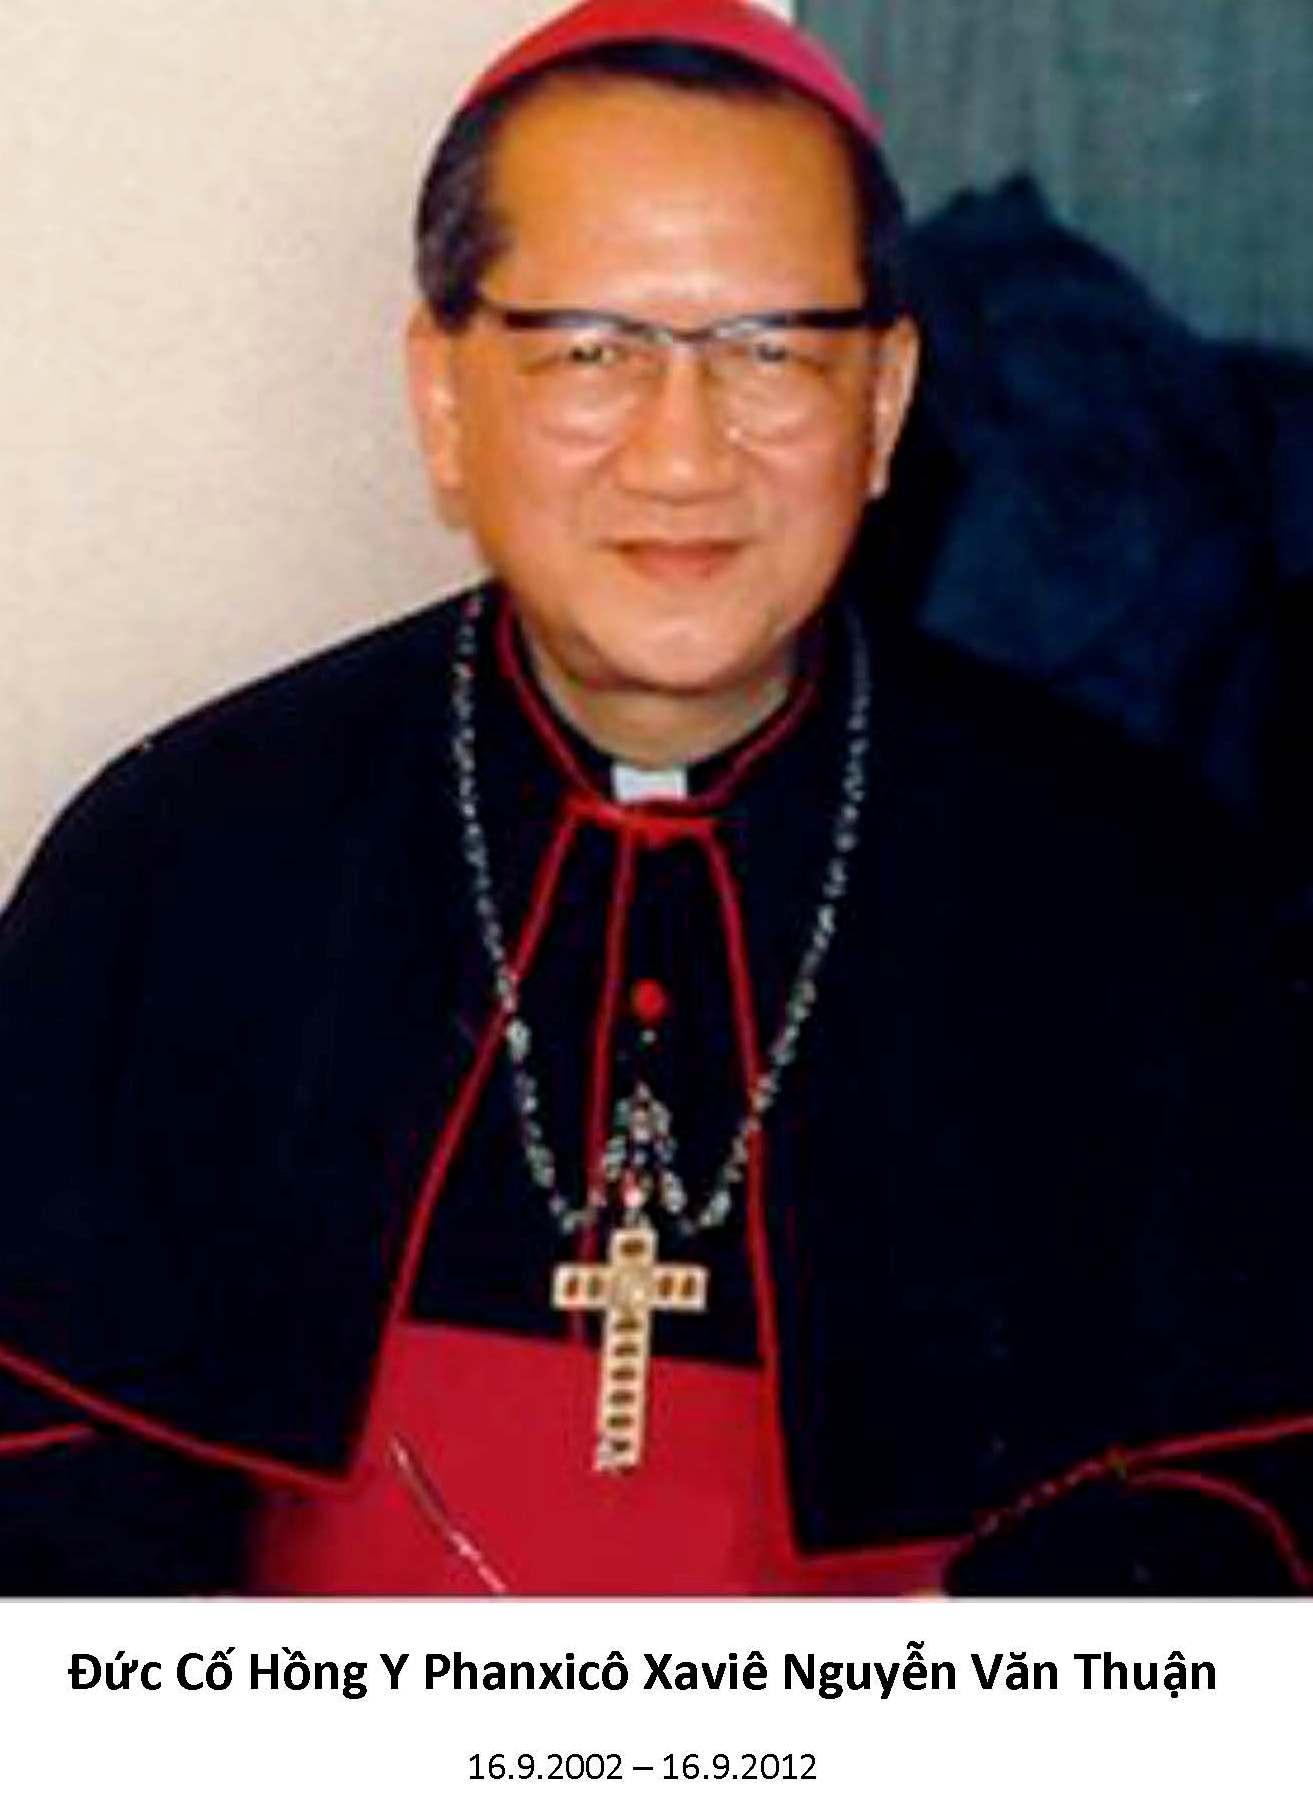 Hình Ảnh Mừng Lễ kỷ niệm 10 năm ngày Thiên Chúa gọi Đức Cố Hồng Y Phanxicô Xaviê Nguyễn Văn Thuận, Tôi tớ Chúa, ra khỏi thế gian ngày 16/9/2012